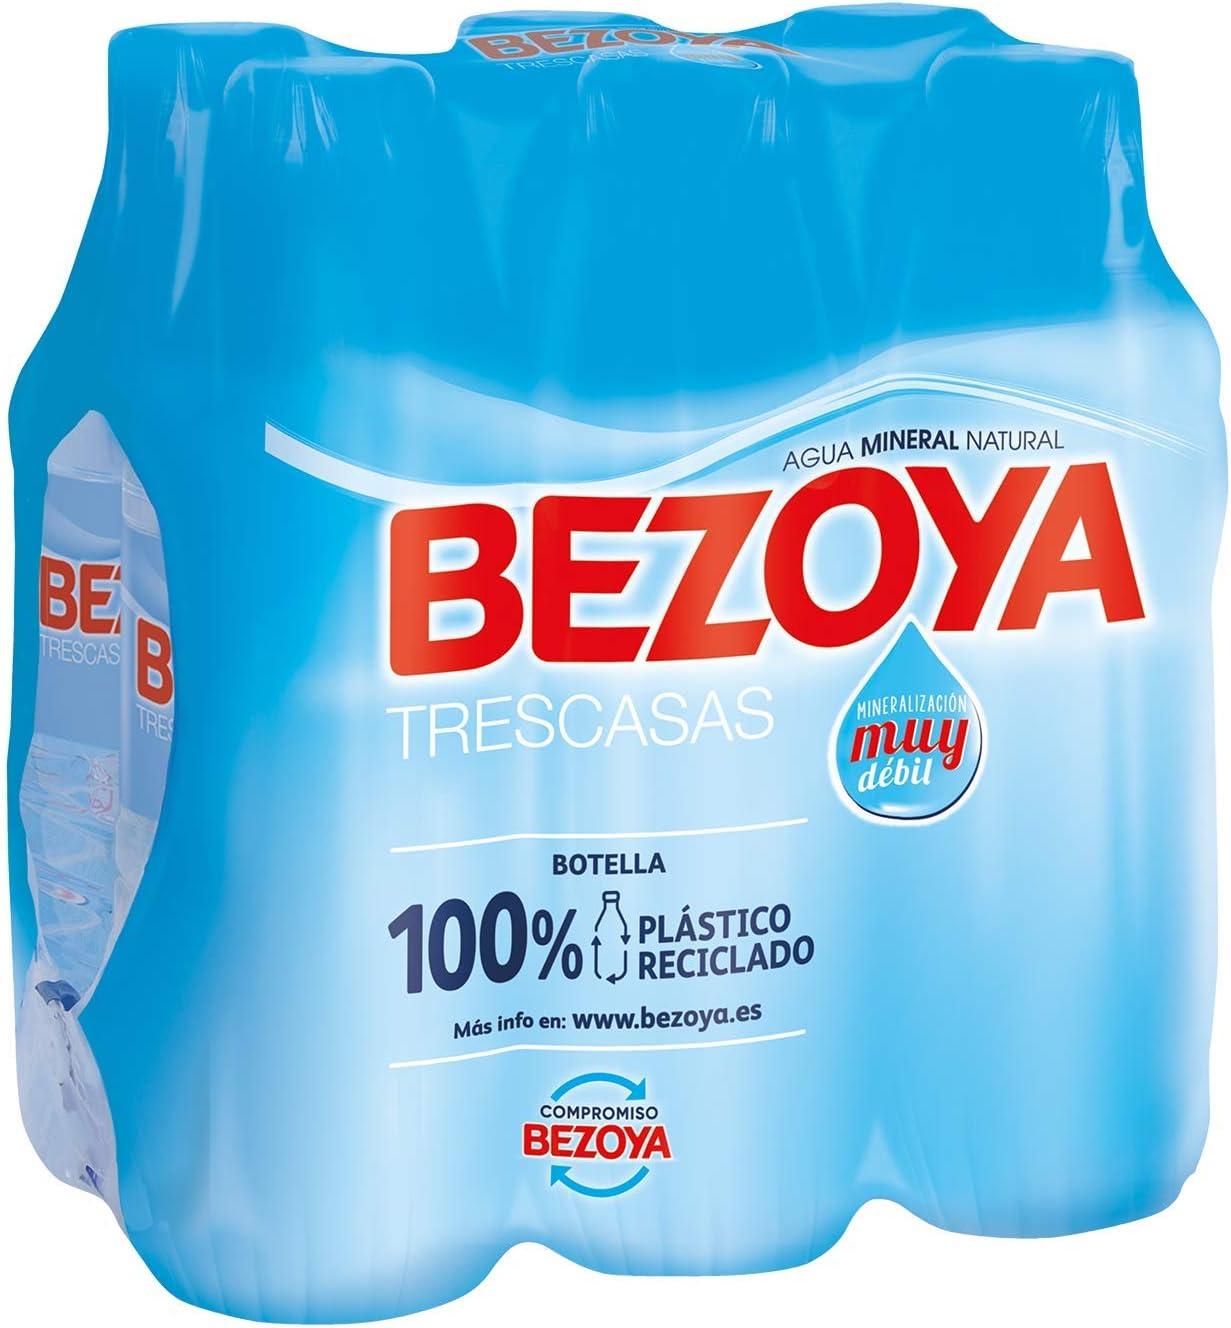 Bezoya - Agua Mineral Natural - Pack 6 x 50 cl: Amazon.es: Alimentación y bebidas